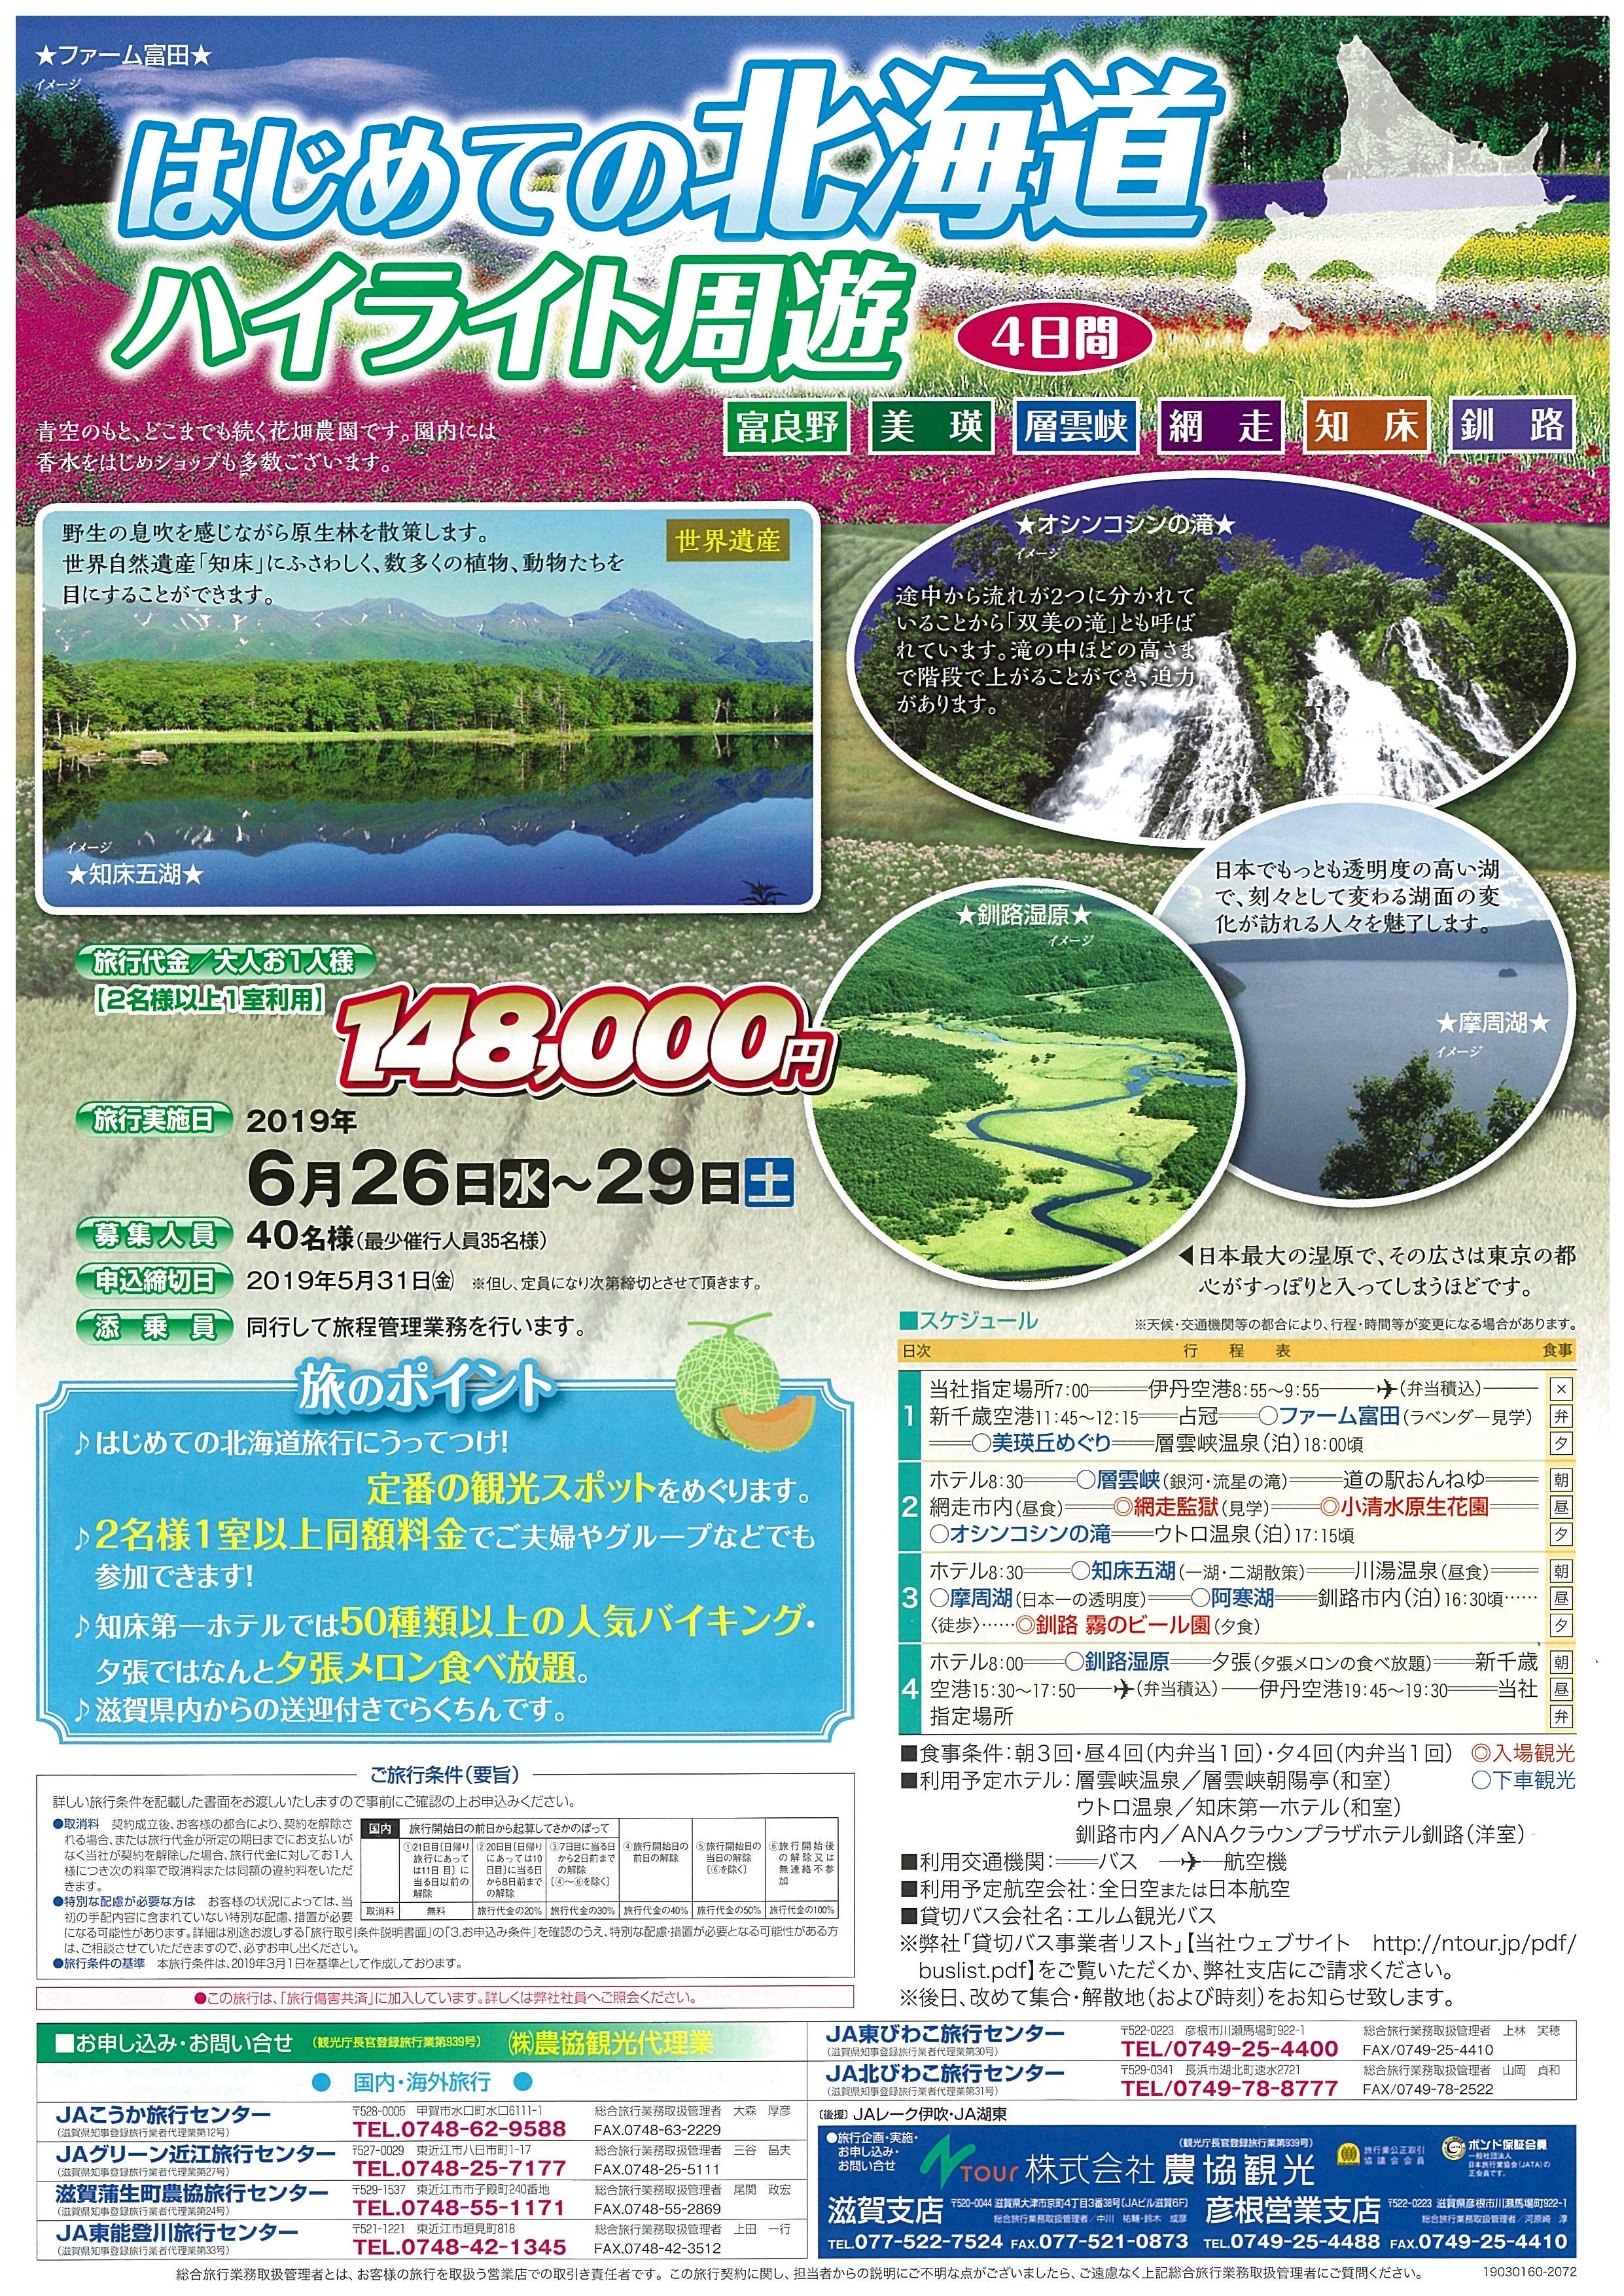 はじめての北海道 ハイライト周遊